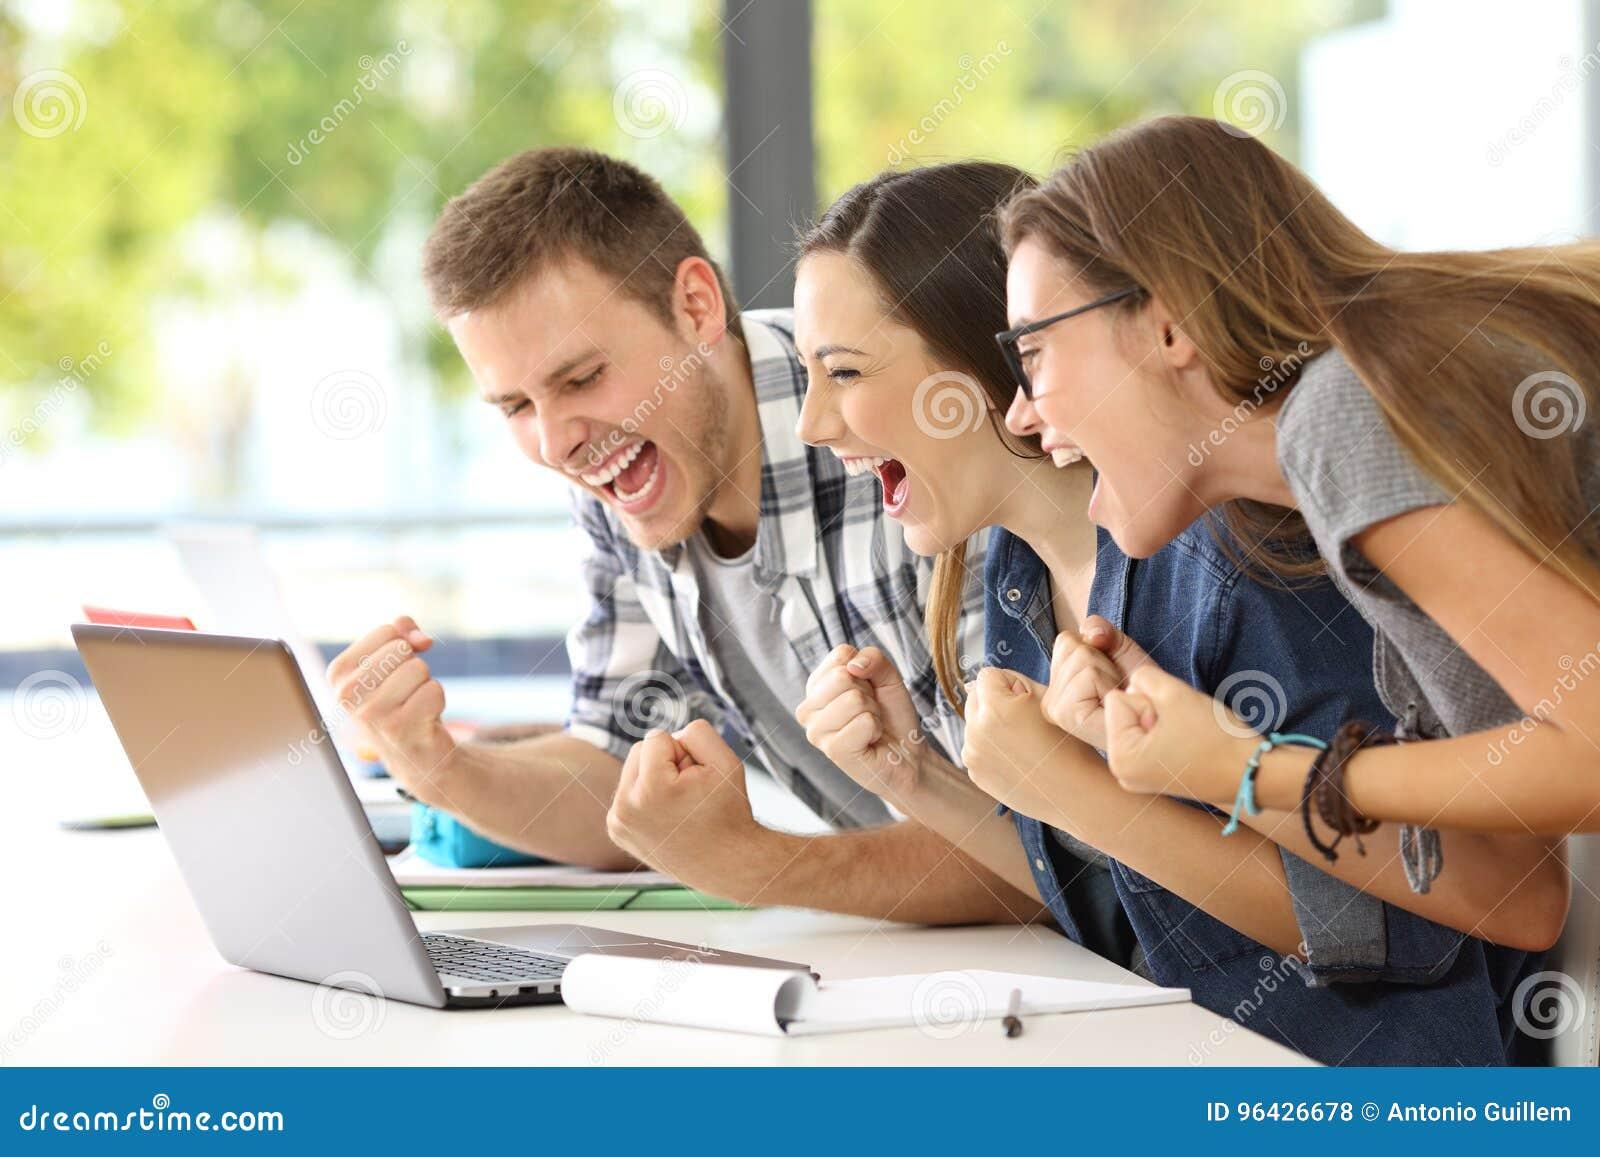 Συγκινημένοι σπουδαστές που διαβάζουν τις καλές ειδήσεις σε μια τάξη